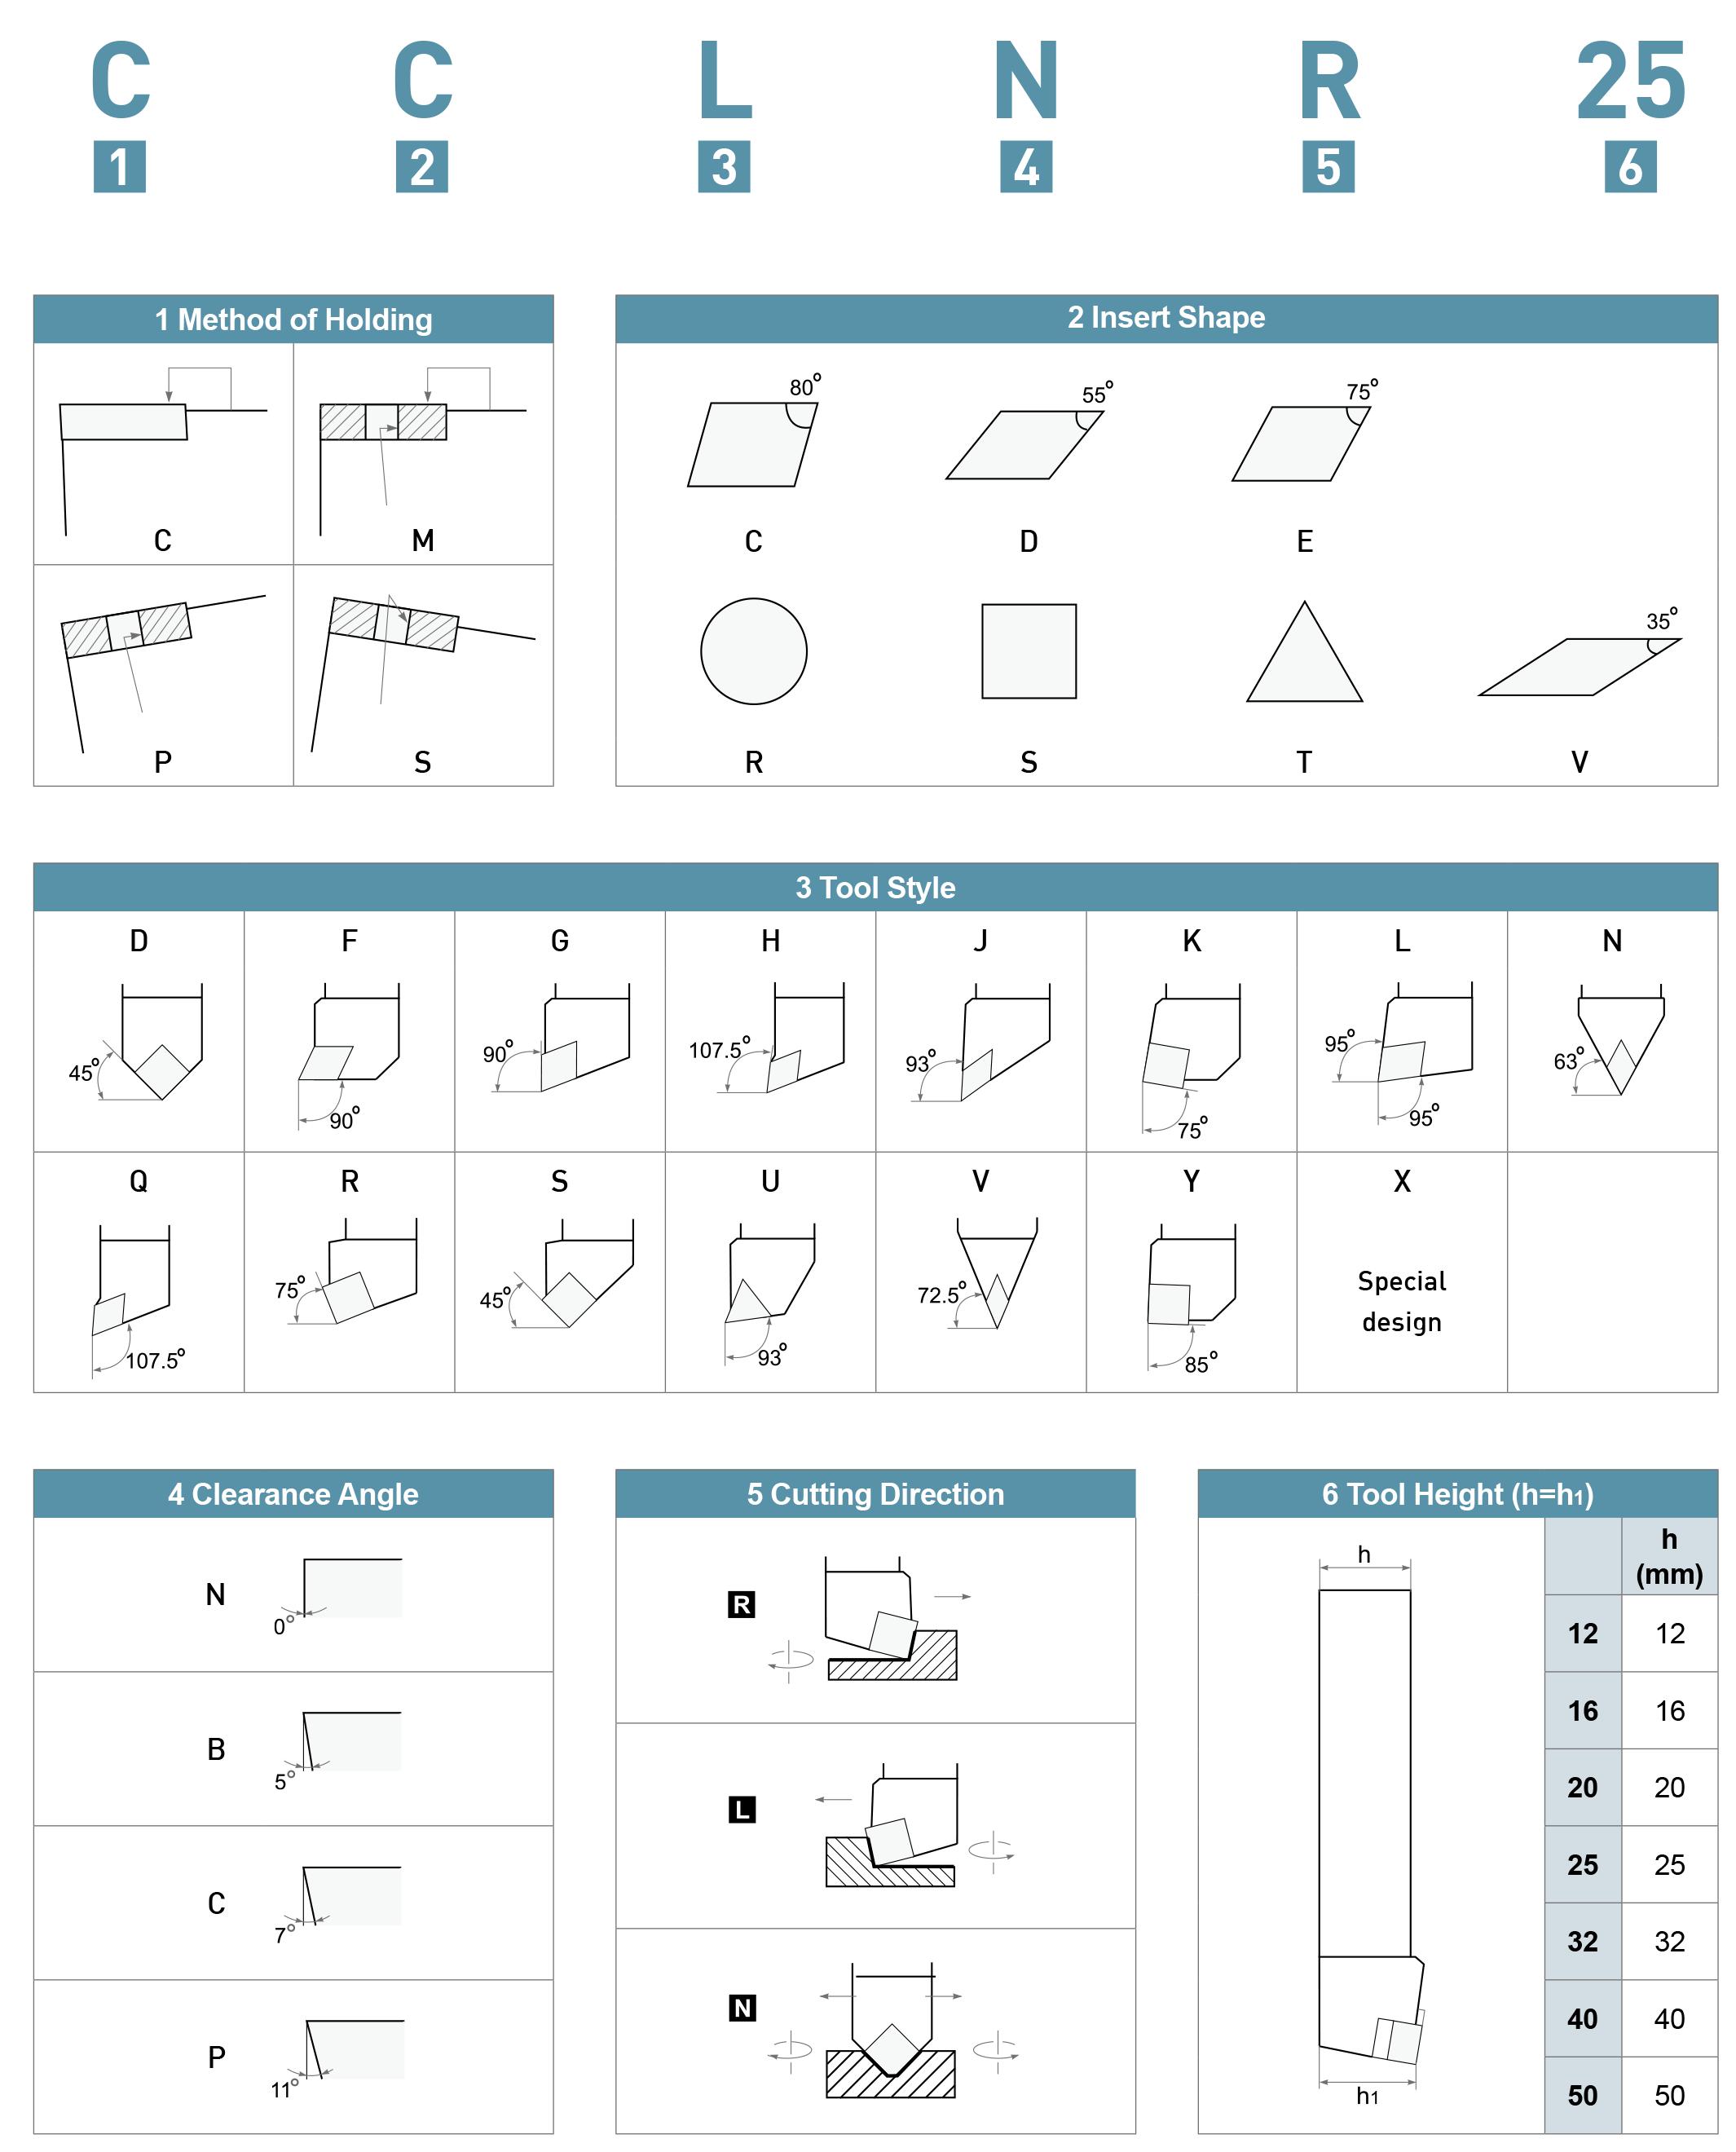 holder-guide-1